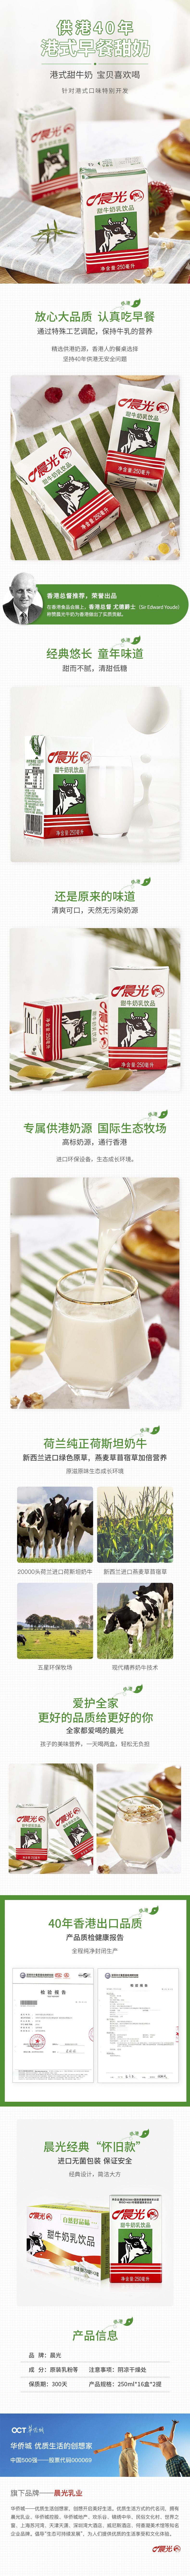 占香港鲜奶市场70%份额 晨光 甜牛奶 早餐牛奶饮品 250ml*16盒*2箱 图1